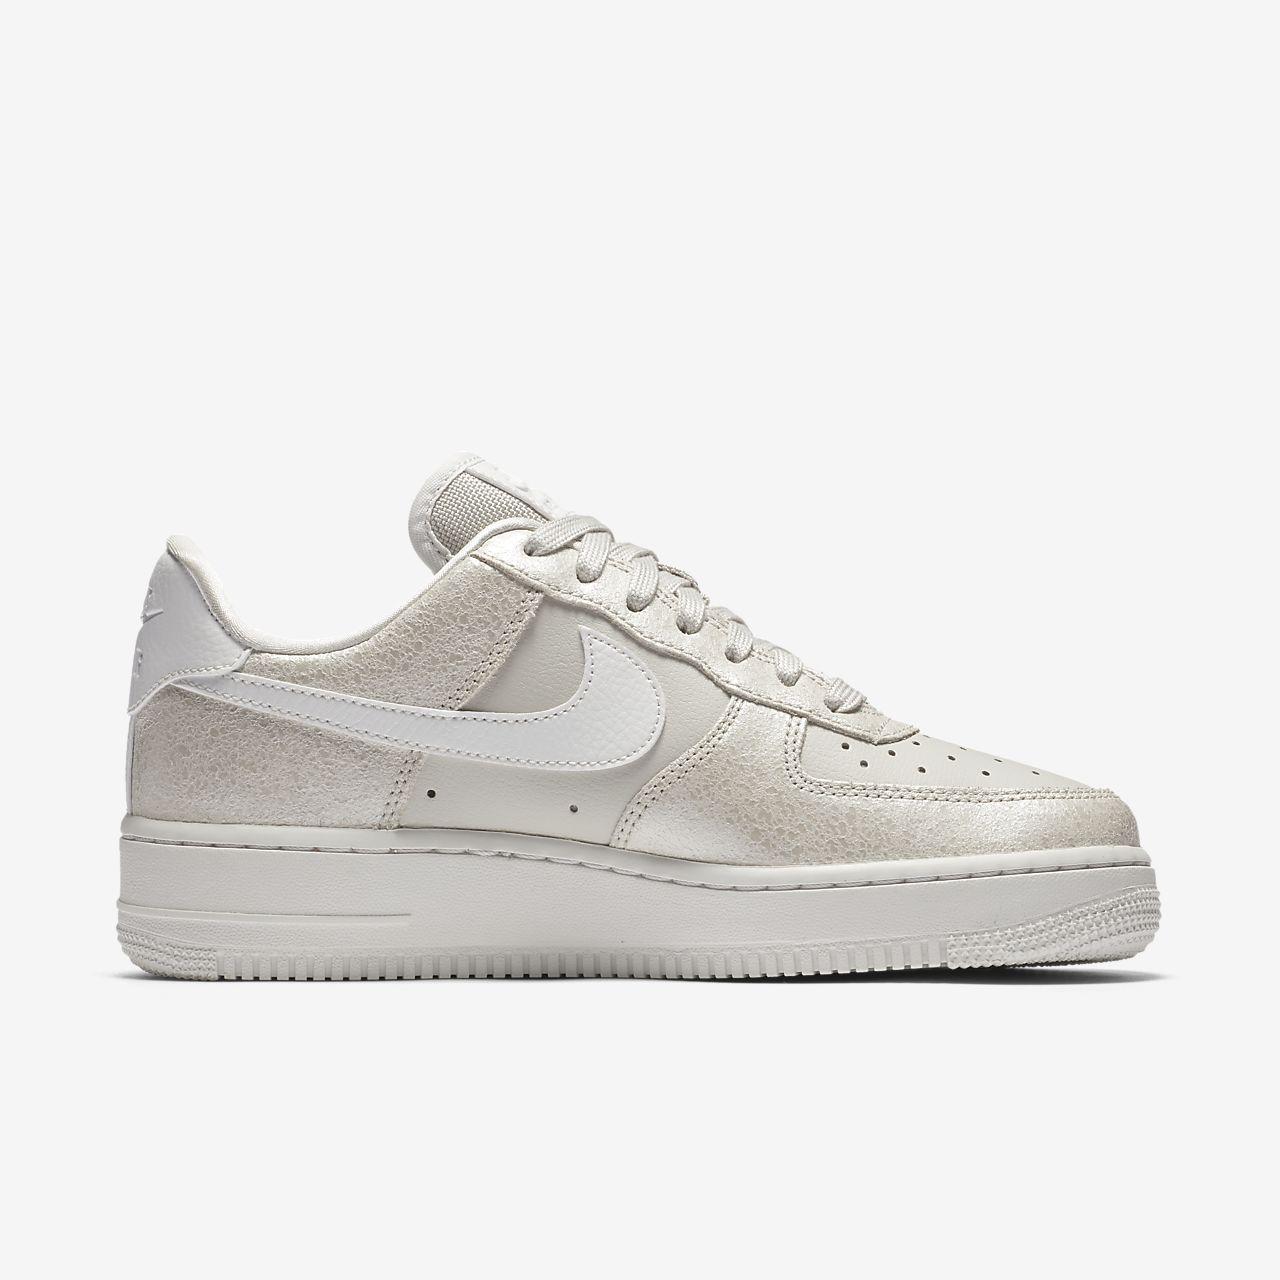 Nike Air Force 1 07 Chaussures Pour Femmes Prix Du Caoutchouc Blanc.